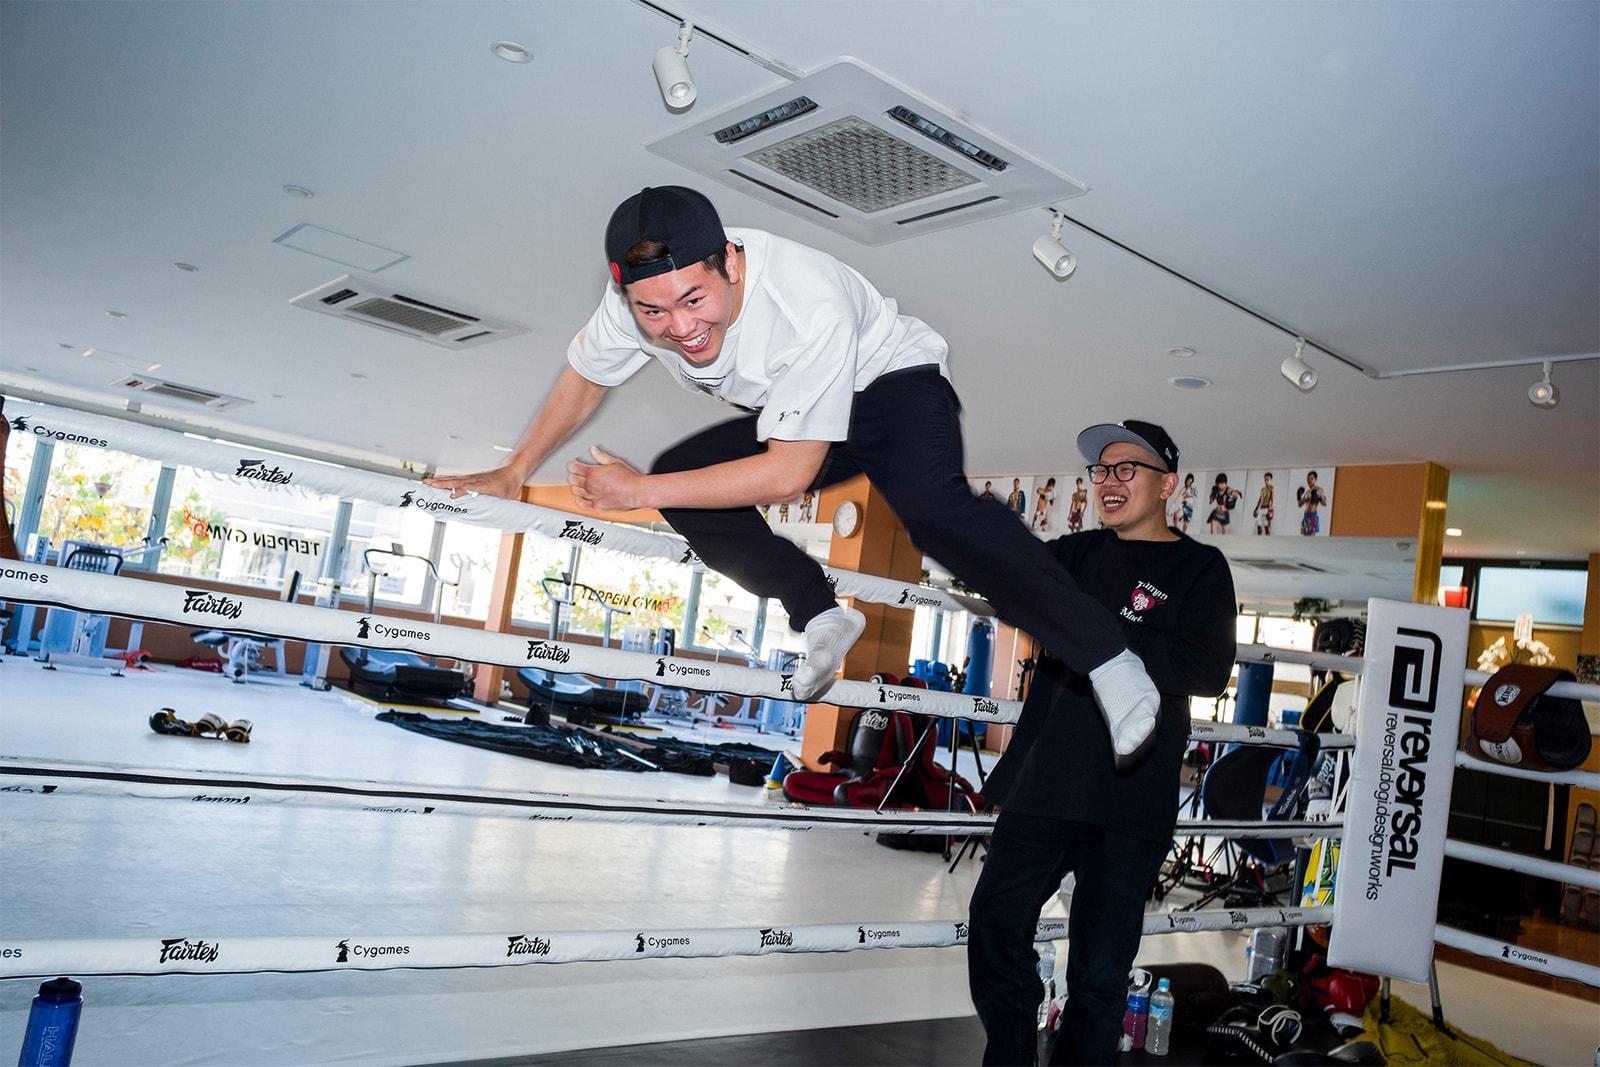 那須川天心と VERDY ヴェルディ ライジン 遥か高みを目指す挑戦者の肖像 RIZIN キックボクシング